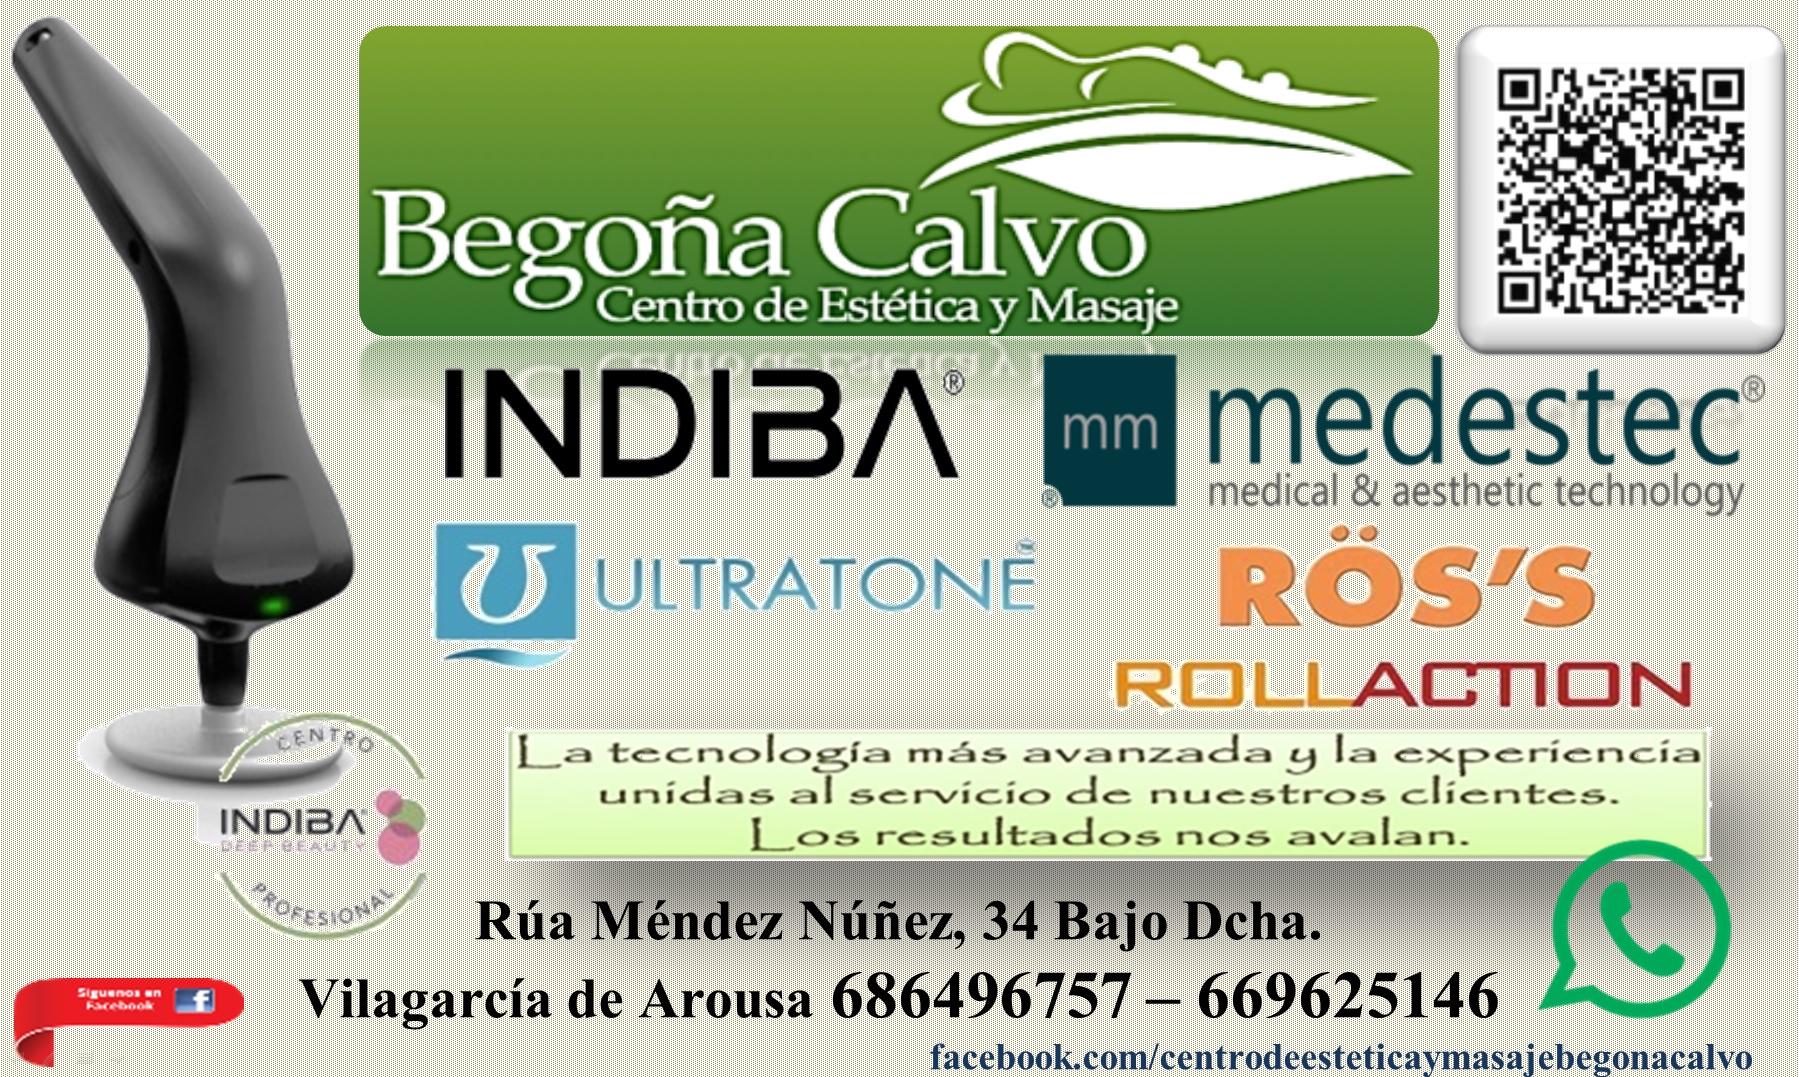 Begoña Calvo Centro de Estética (1)